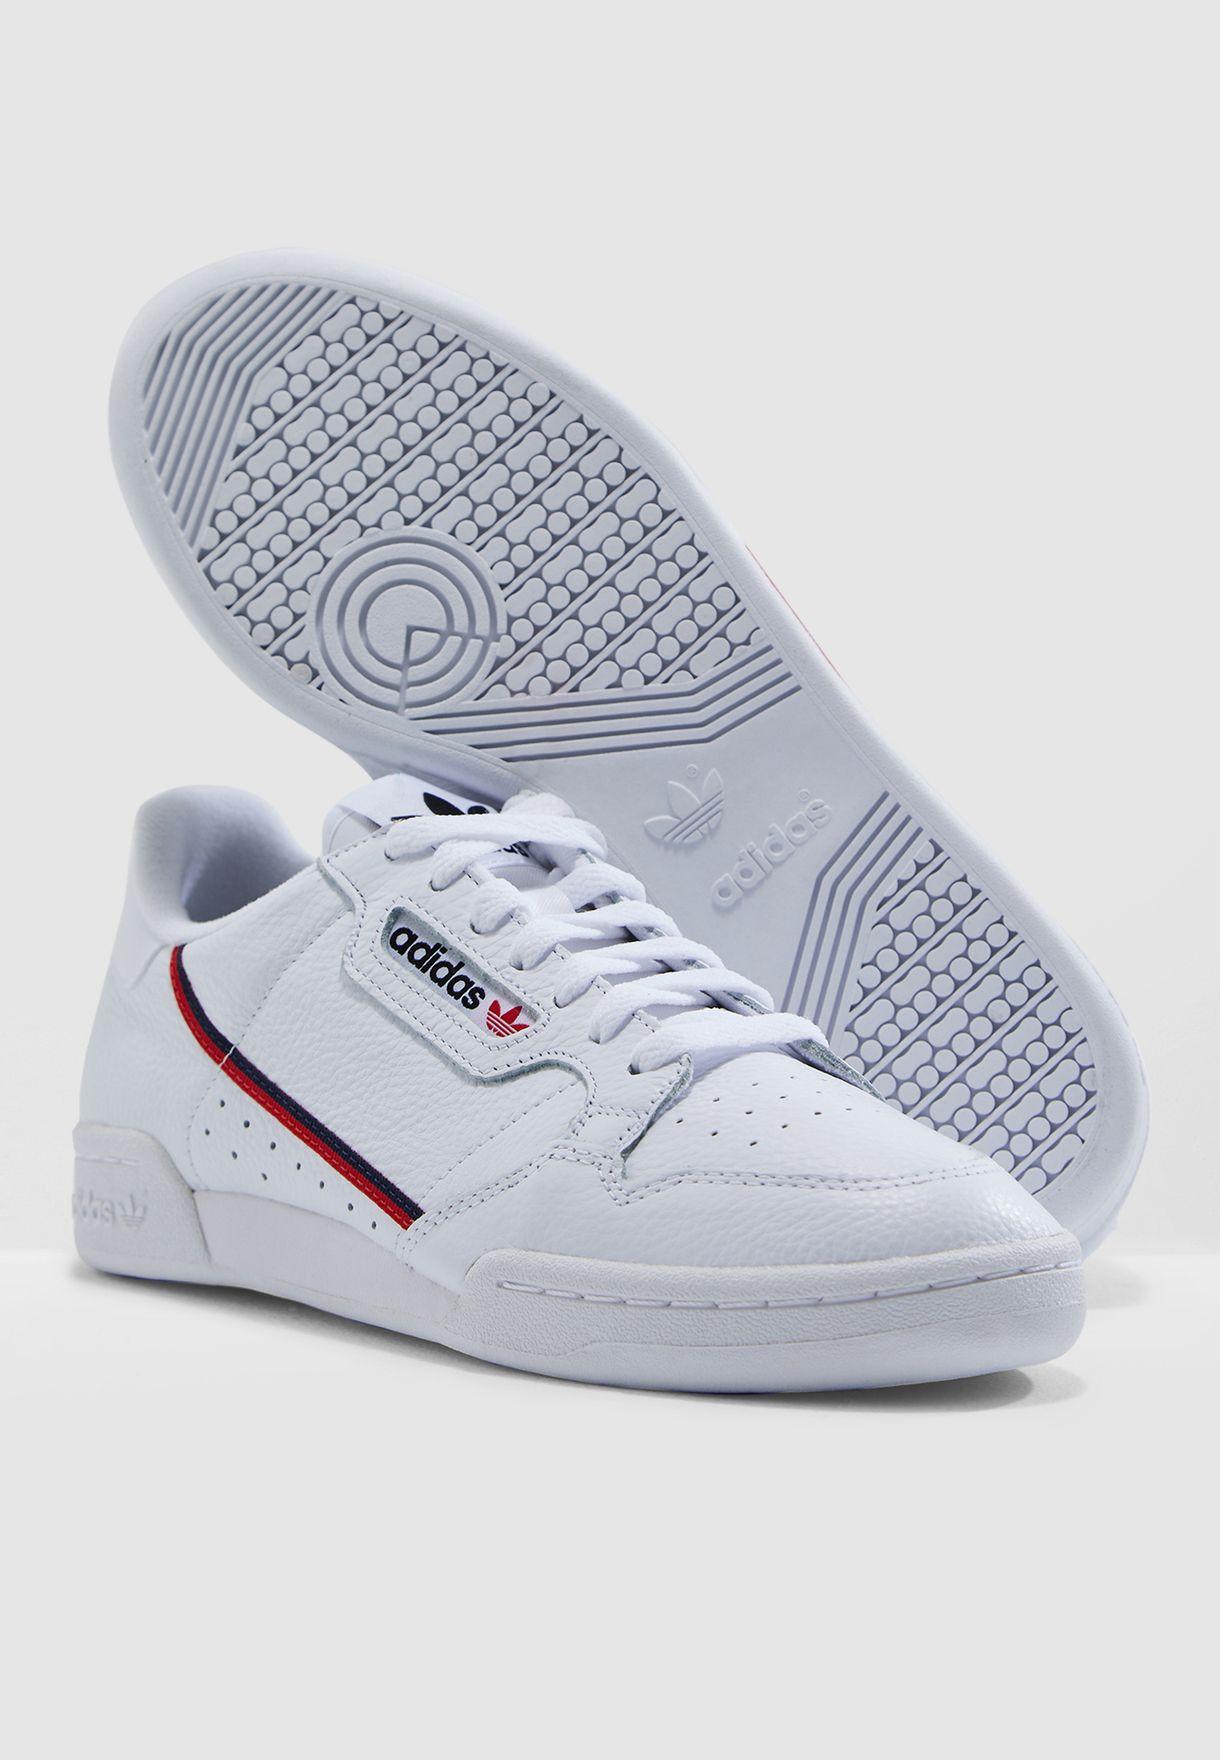 حذاء من مجموعة اديداس هوم اوف كلاسيك